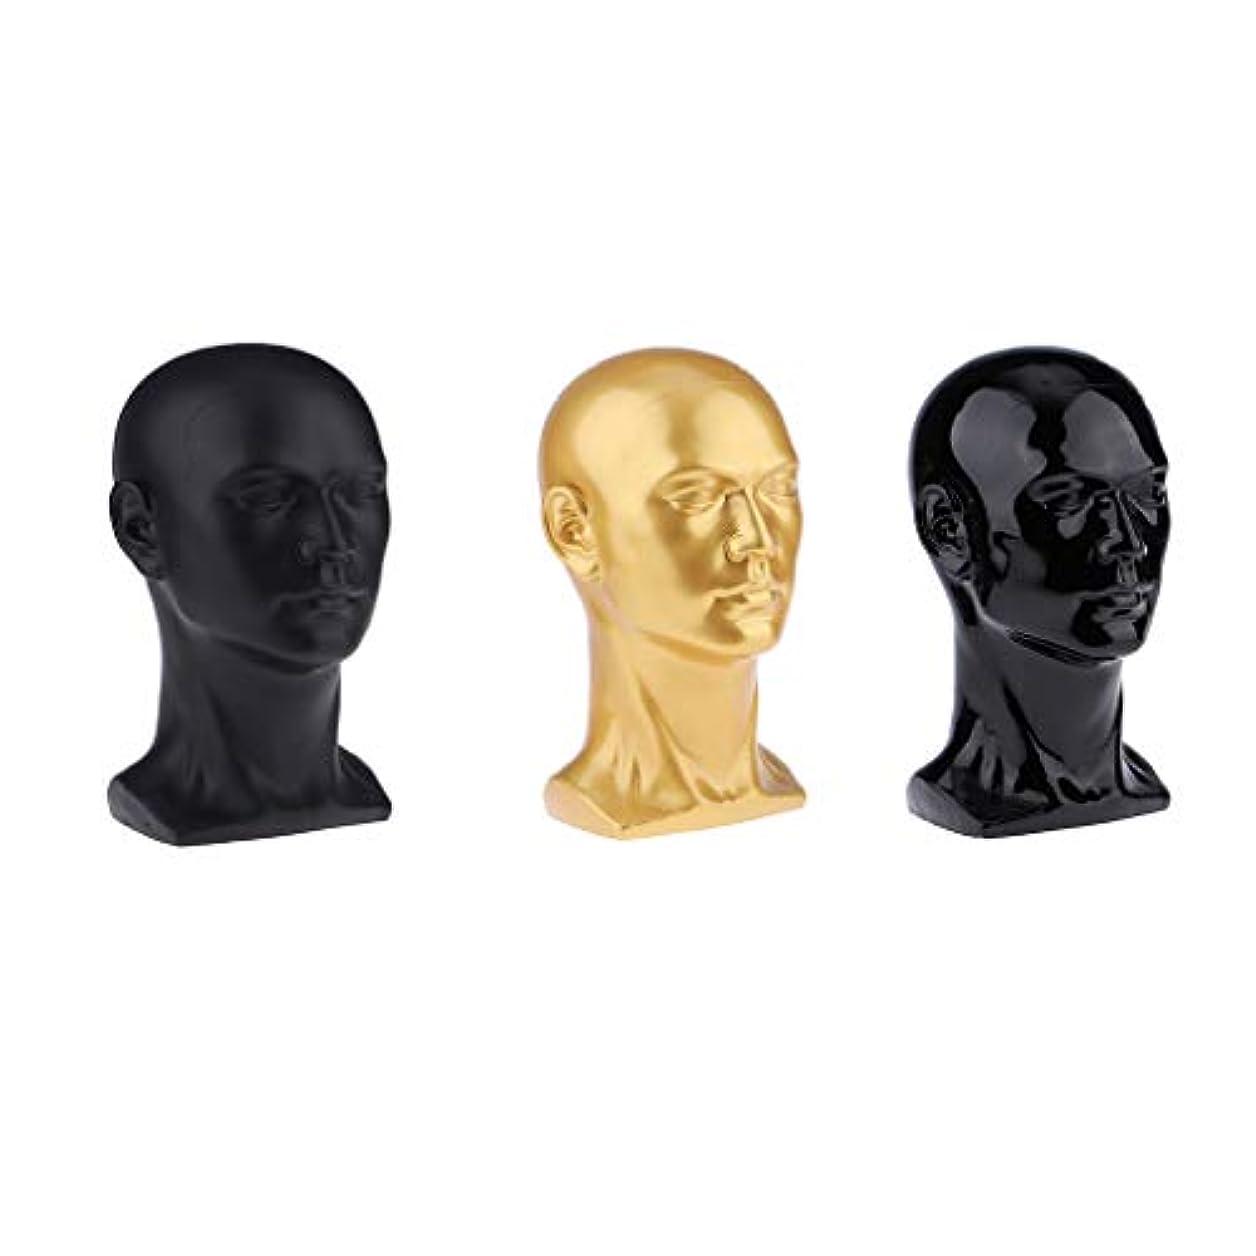 に変わる名詞うんざりCUTICATE 男性ヘッドモデル プラスチック メガネ ヘッド かつらディスプレイ スタンド ホルダー 装飾